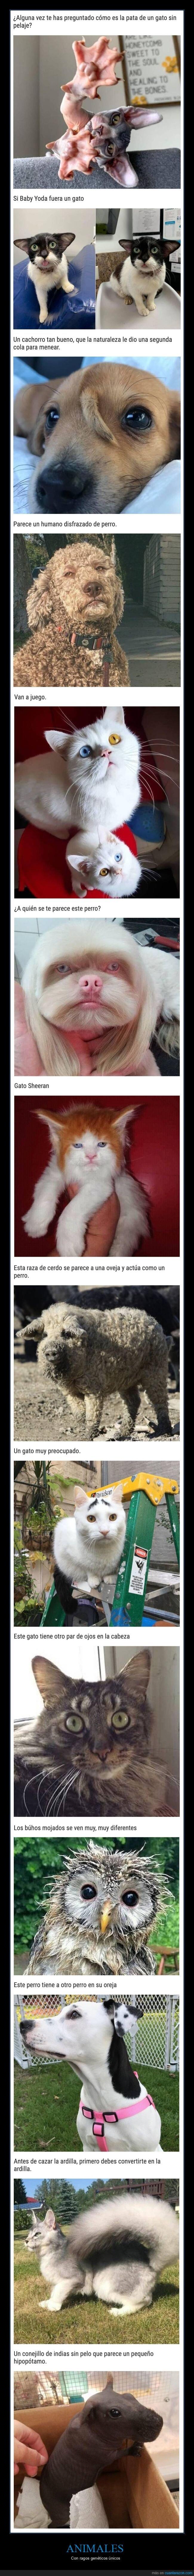 animales,genética